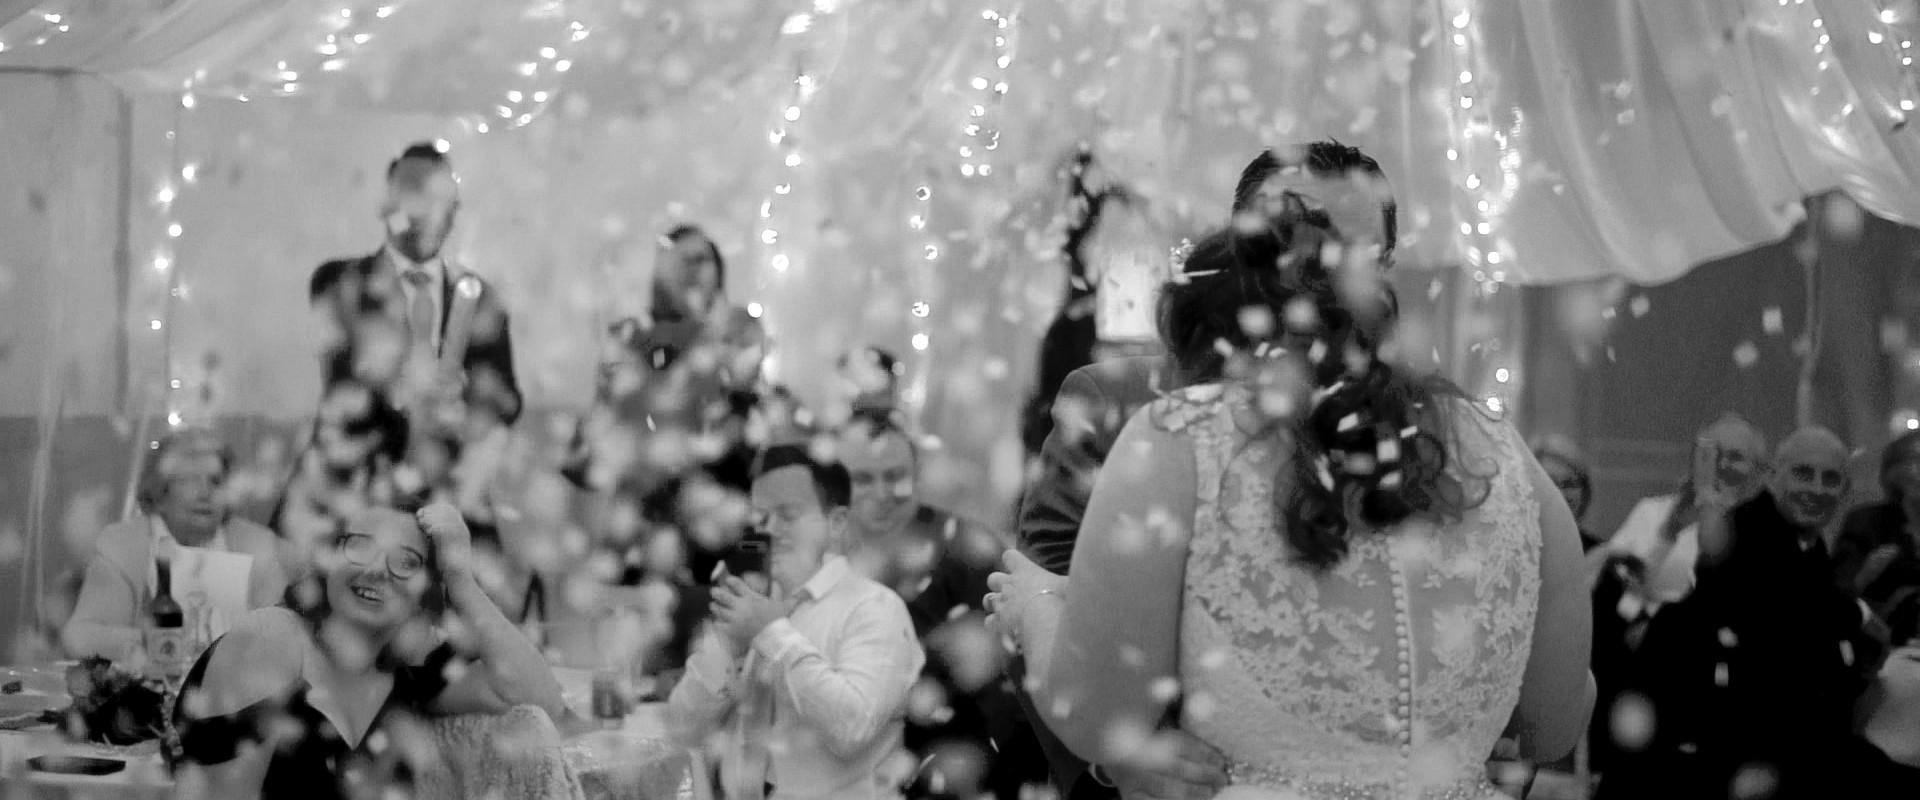 Wedding-ShortFilm-BW.00_05_59_00.Still05